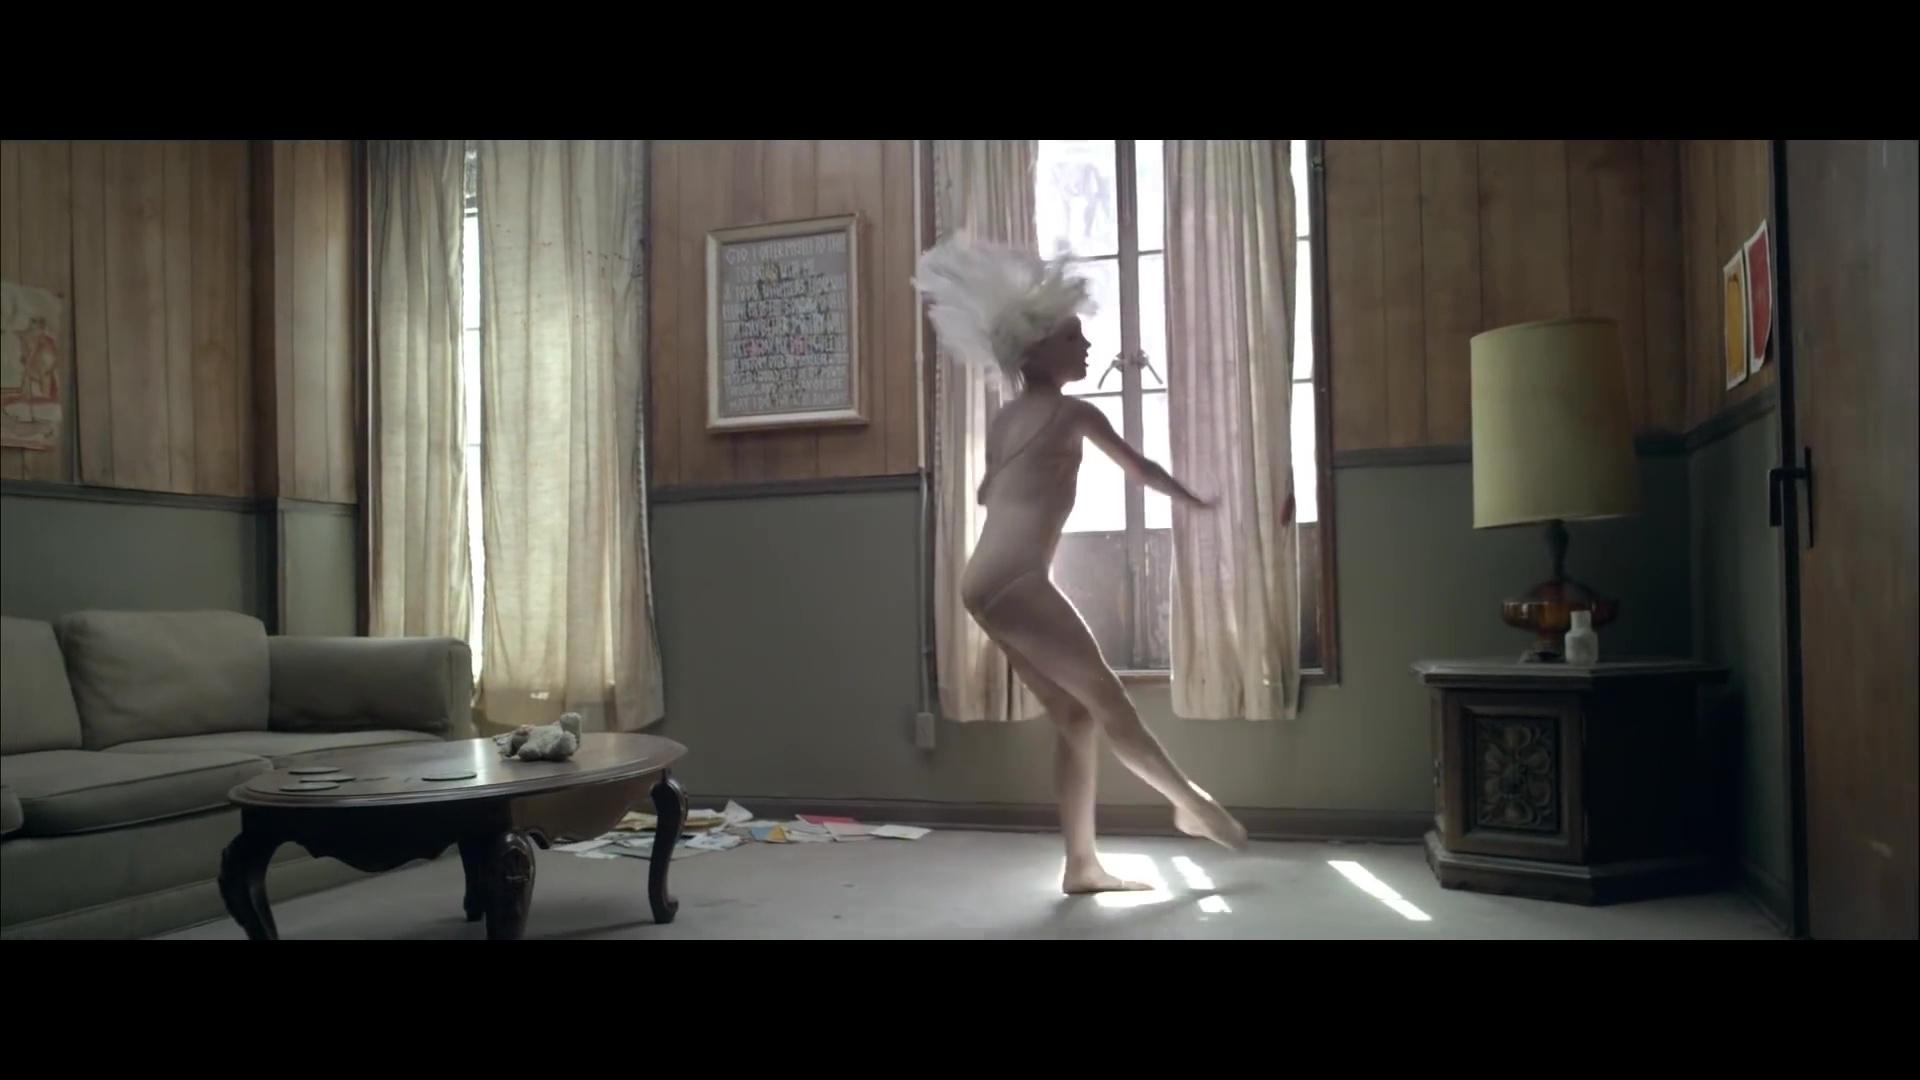 Chandelier {Music Video} - Sia Photo (38892721) - Fanpop